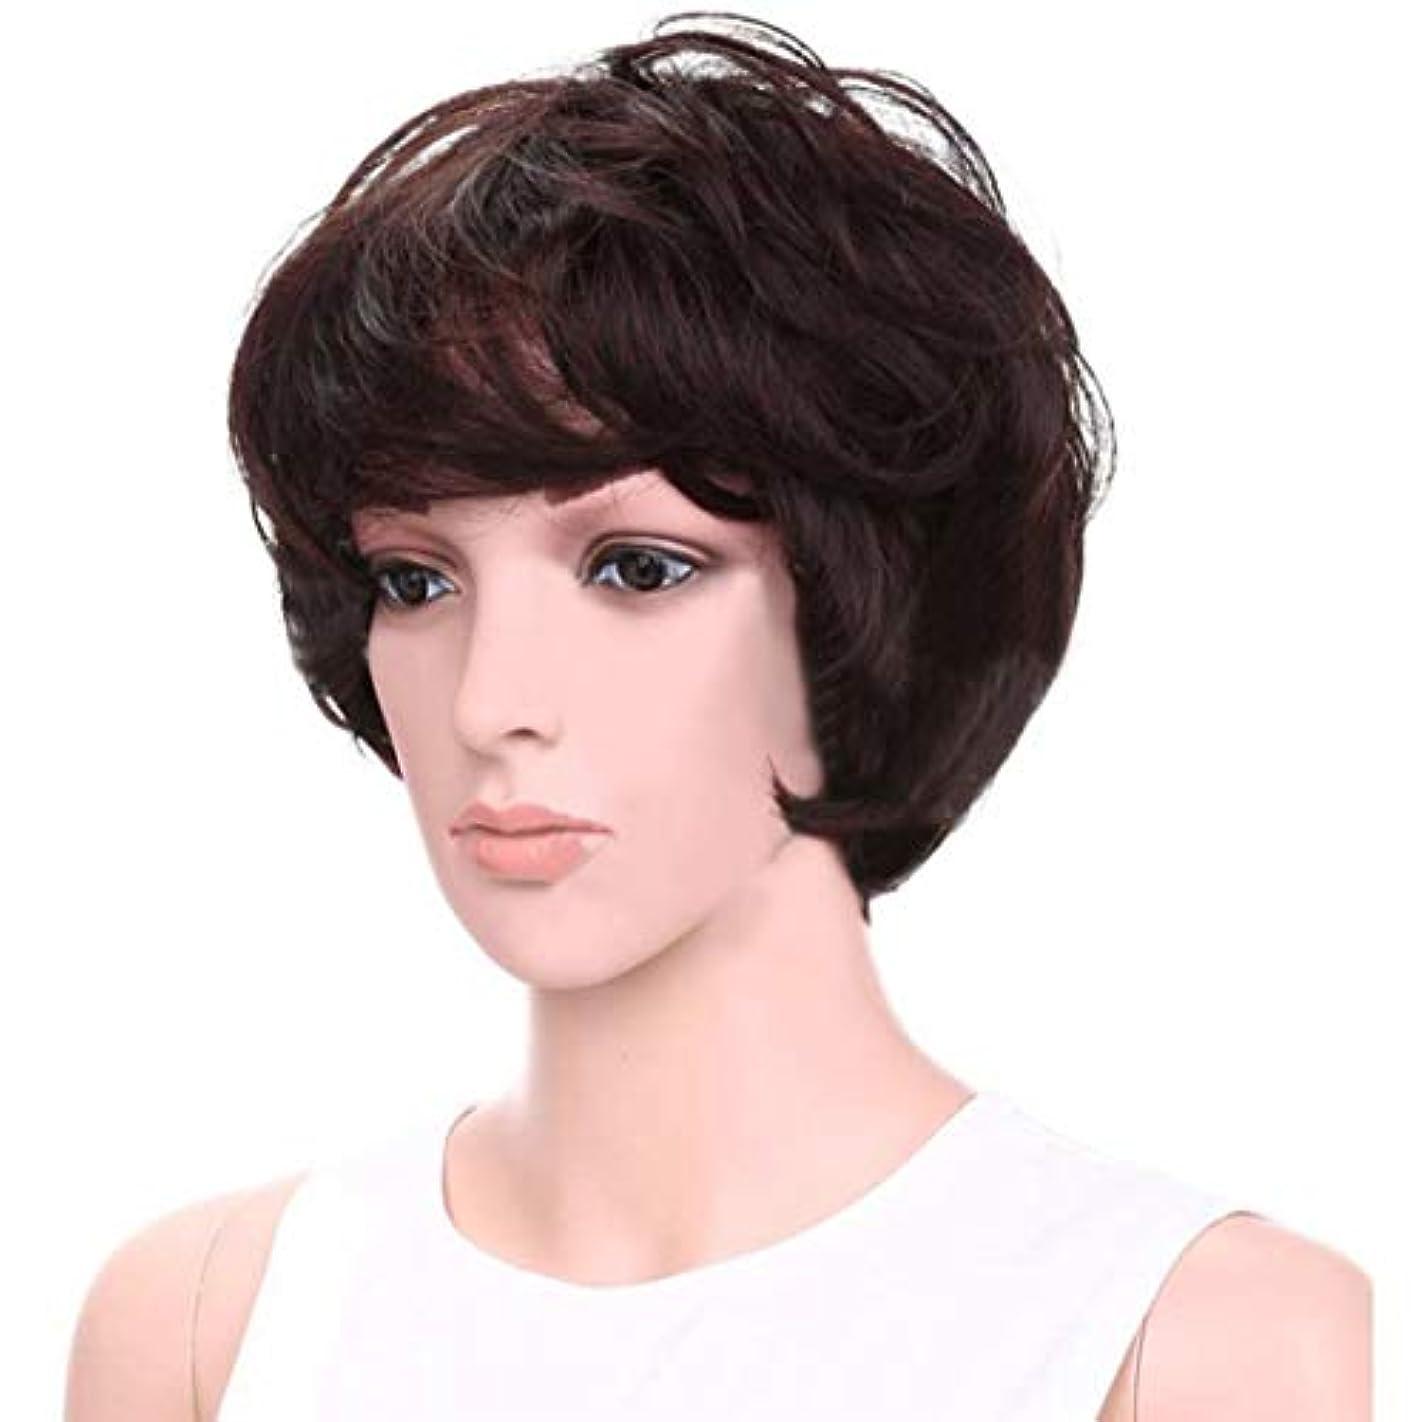 経由で経歴色合いYOUQIU エア?フラッツ前髪髪の耐熱ウィッグでパーソナリティかつら女性のショートヘアウィッグふわふわ8インチ(ダークブラウン)かつら (色 : Dark brown)